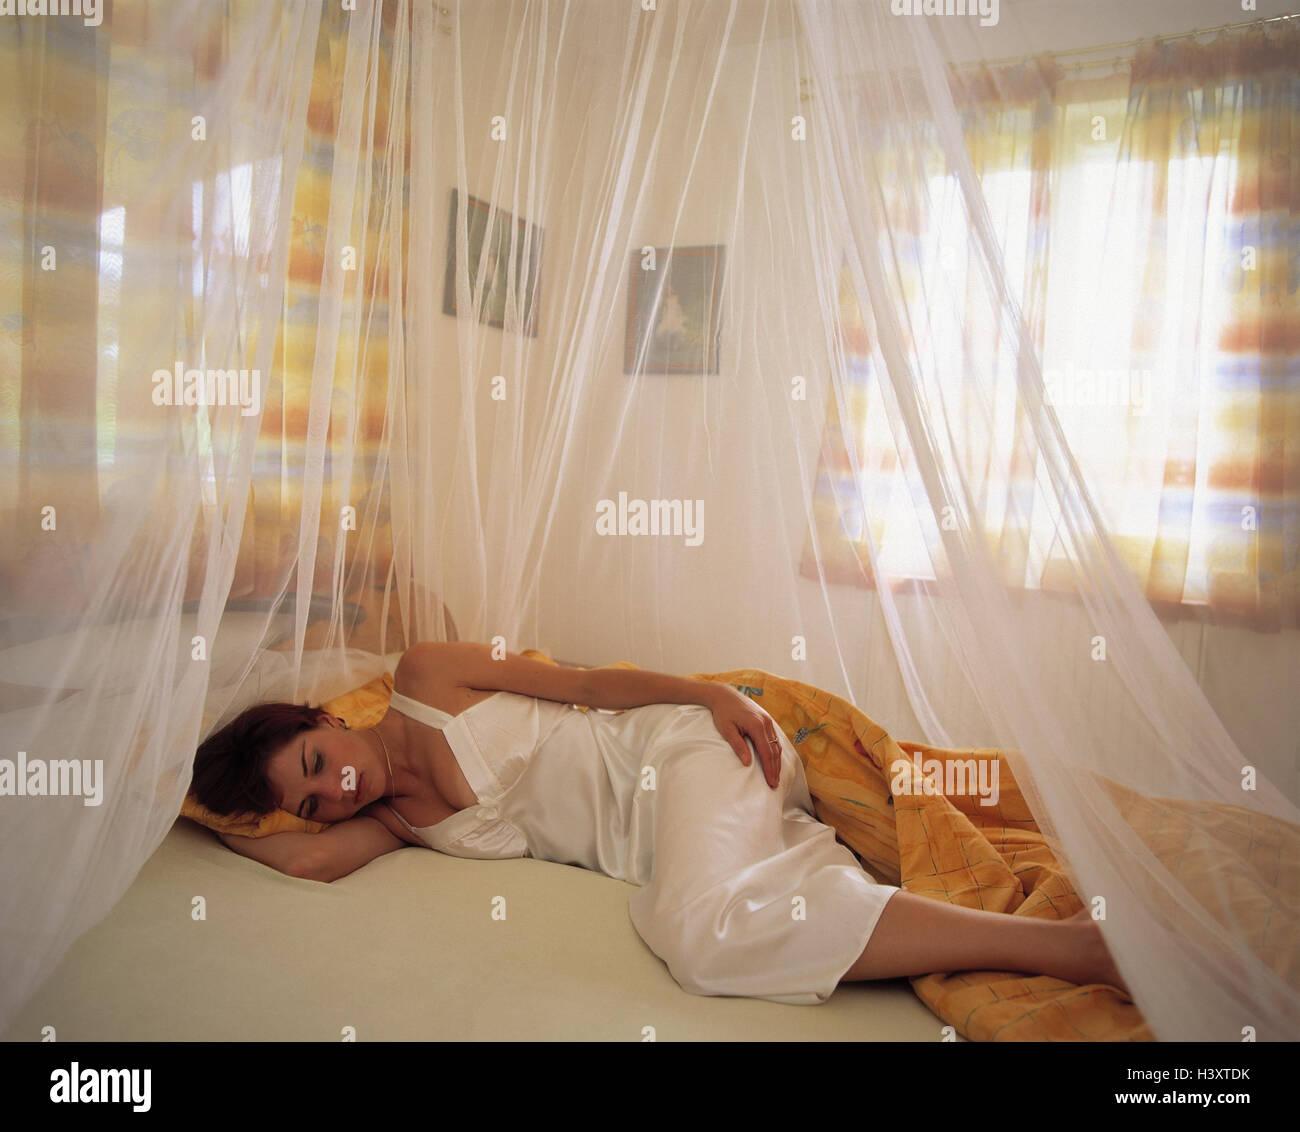 Donna, letto, dormire, zanzariera camere da letto, giovani, giacciono, sting protezione di zanzara, rete, protezione, Immagini Stock